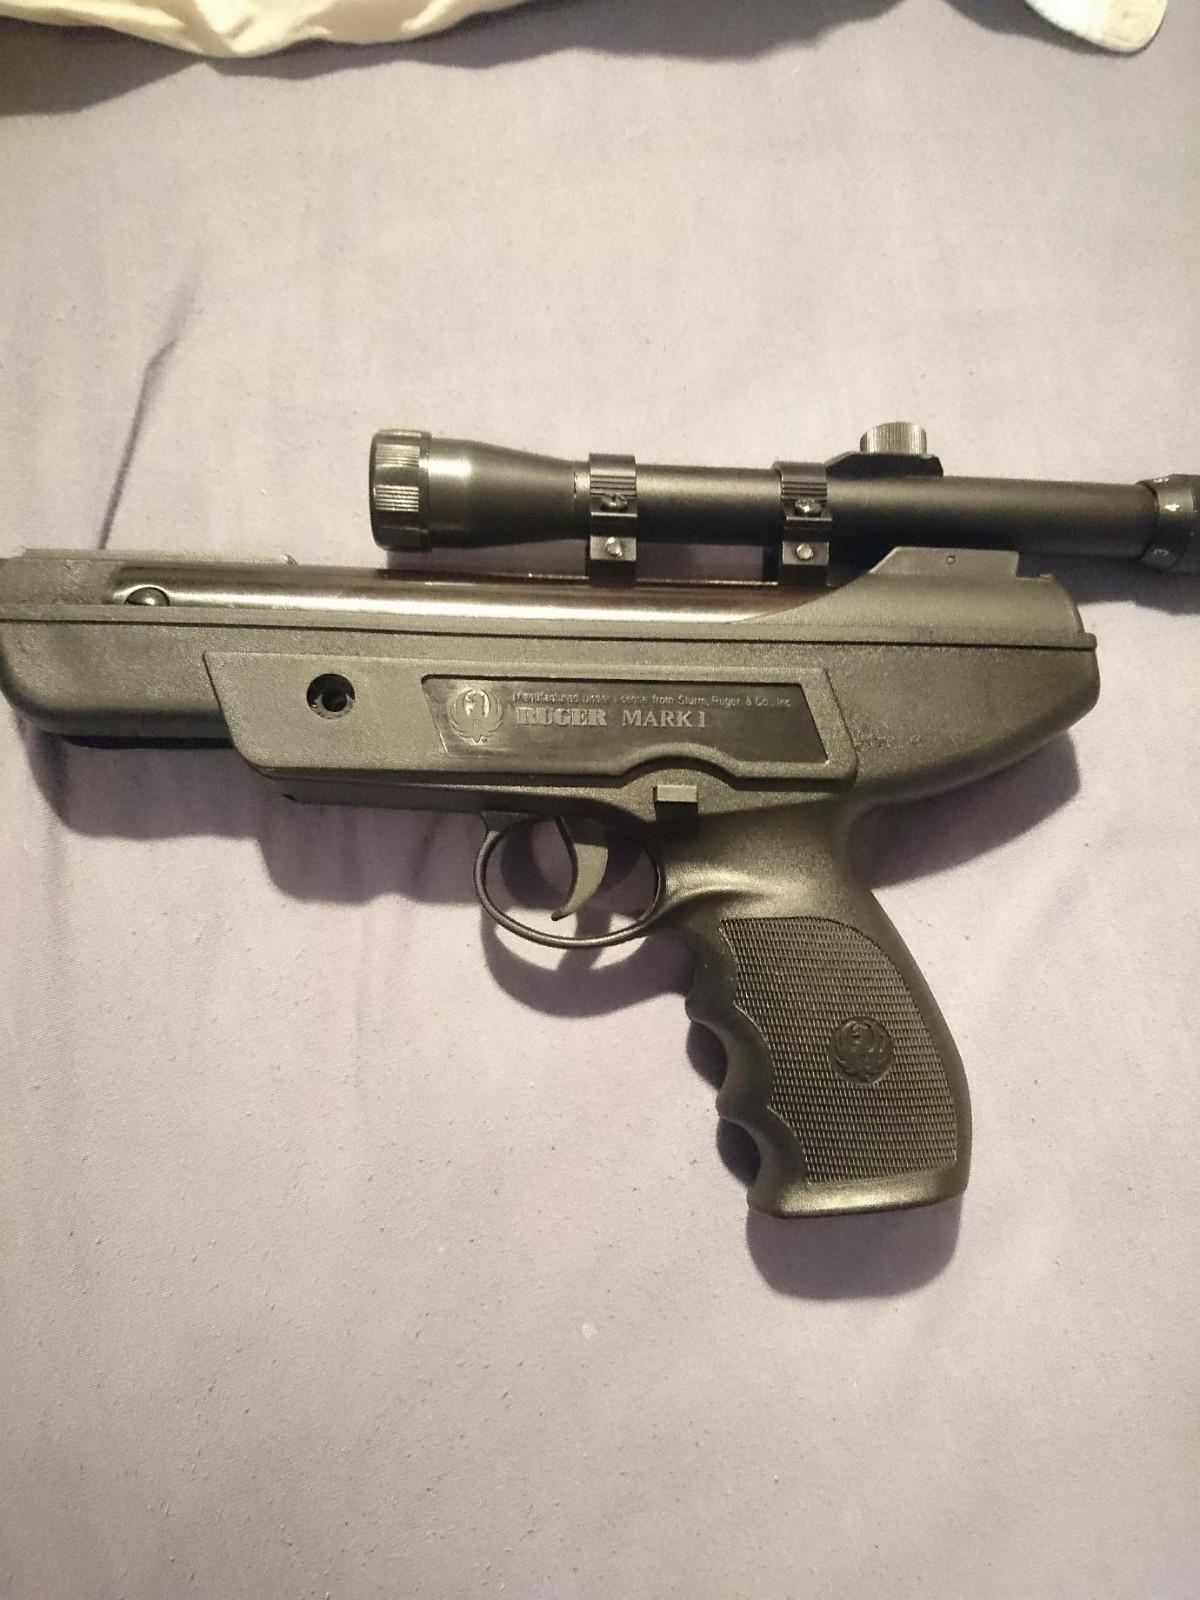 Ruger Mark 1 + Sikte + Pellets - Svelvik  - Selger luftpistolen min da jeg ikke bruker den noe særlig. Har skutt mindre enn totalt 50 skudd med den, så det kommer fortsatt røyk fra munningen. Rakk bare å skyte inn siktet, før jeg nå bestemte meg for å selge.  Pistolen er i plettfr - Svelvik